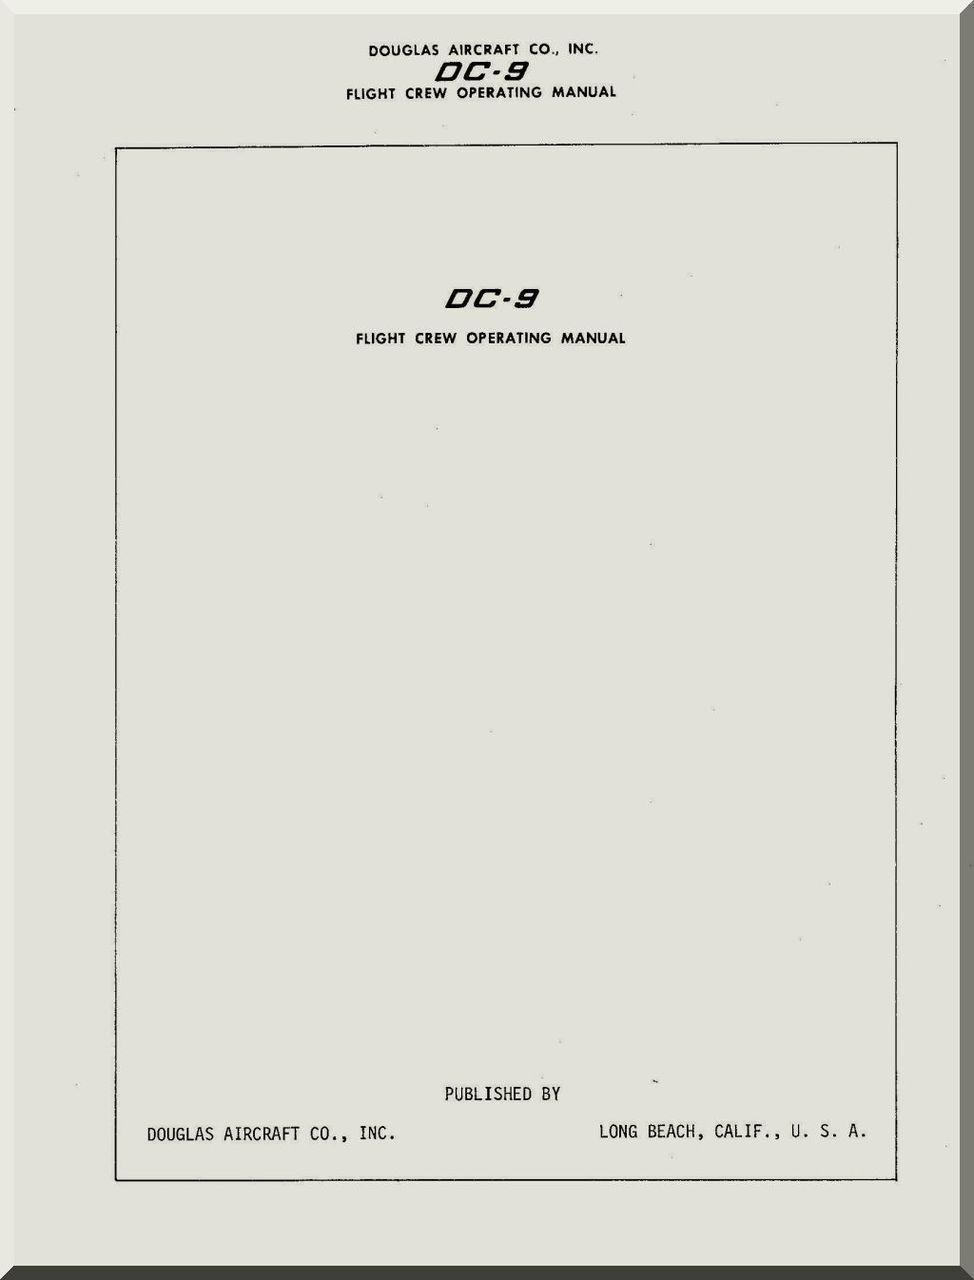 Douglas DC-8 Aircraft Flight Crew Operating Manual - Aircraft Reports -  Manuals Aircraft Helicopter Engines Propellers Blueprints Publications